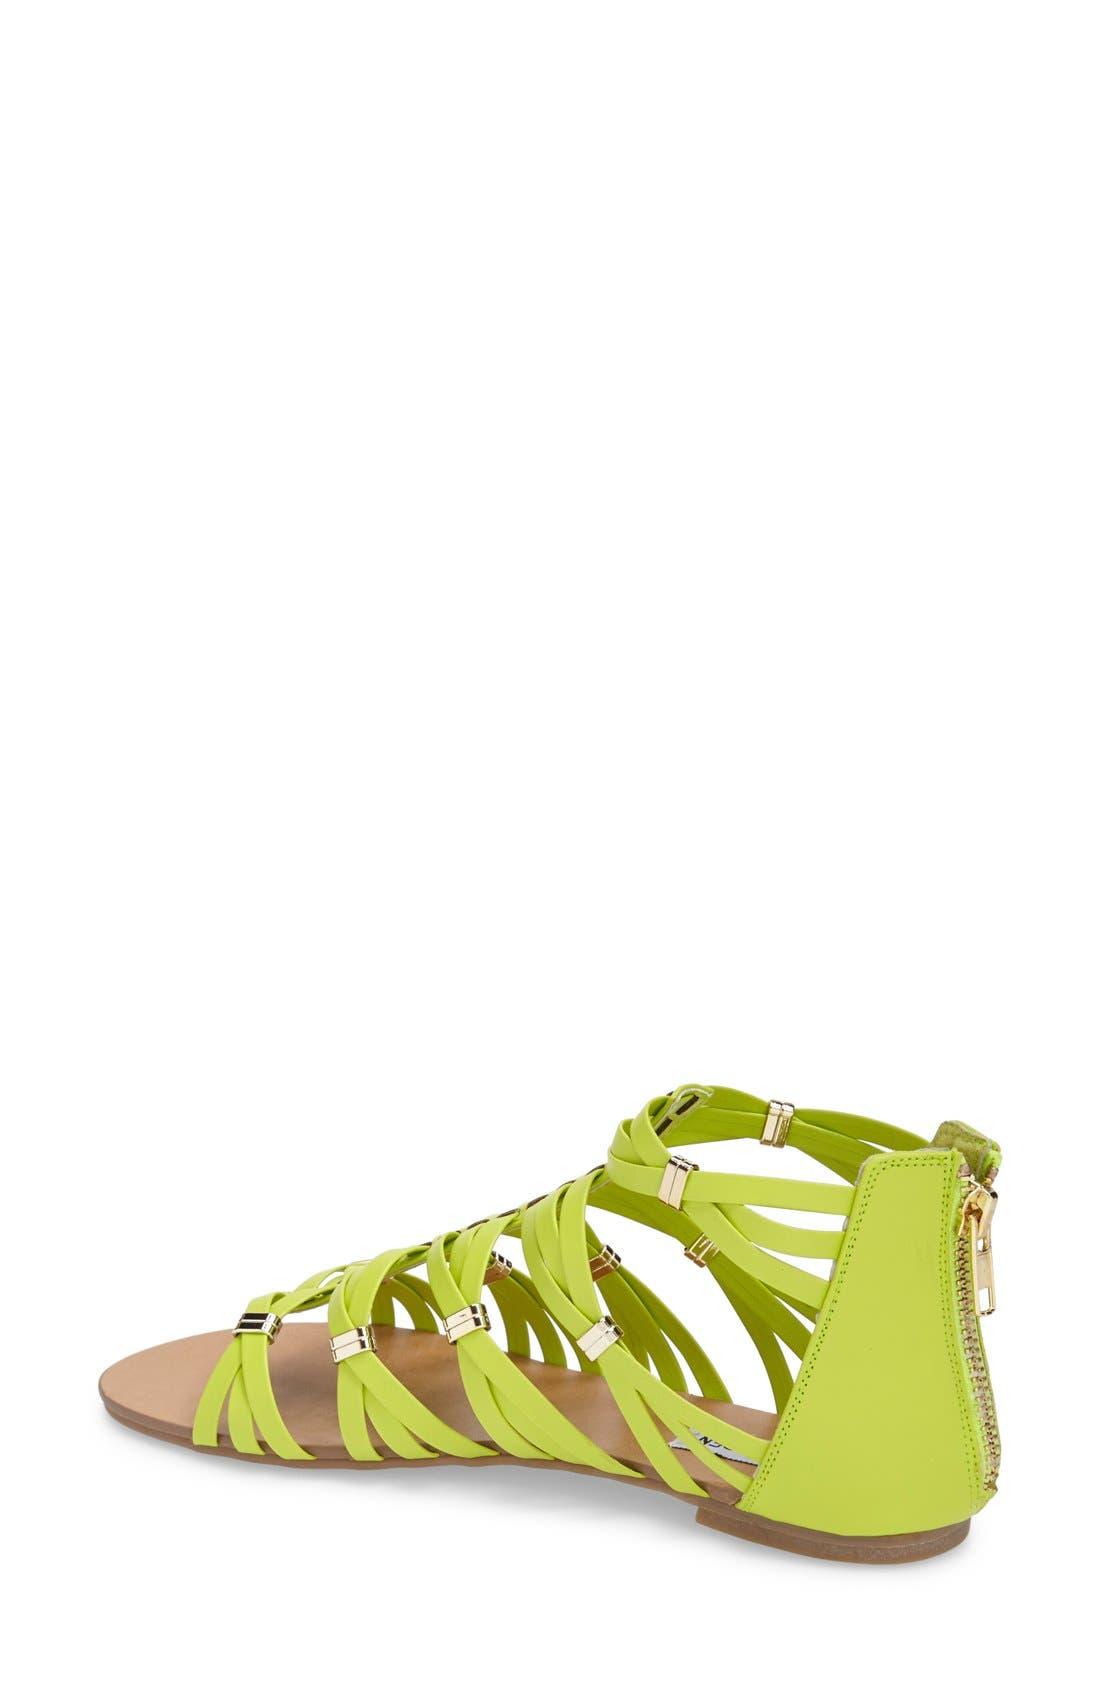 Alternate Image 2  - Steve Madden 'Cretee' Strappy Gladiator Sandal (Women)